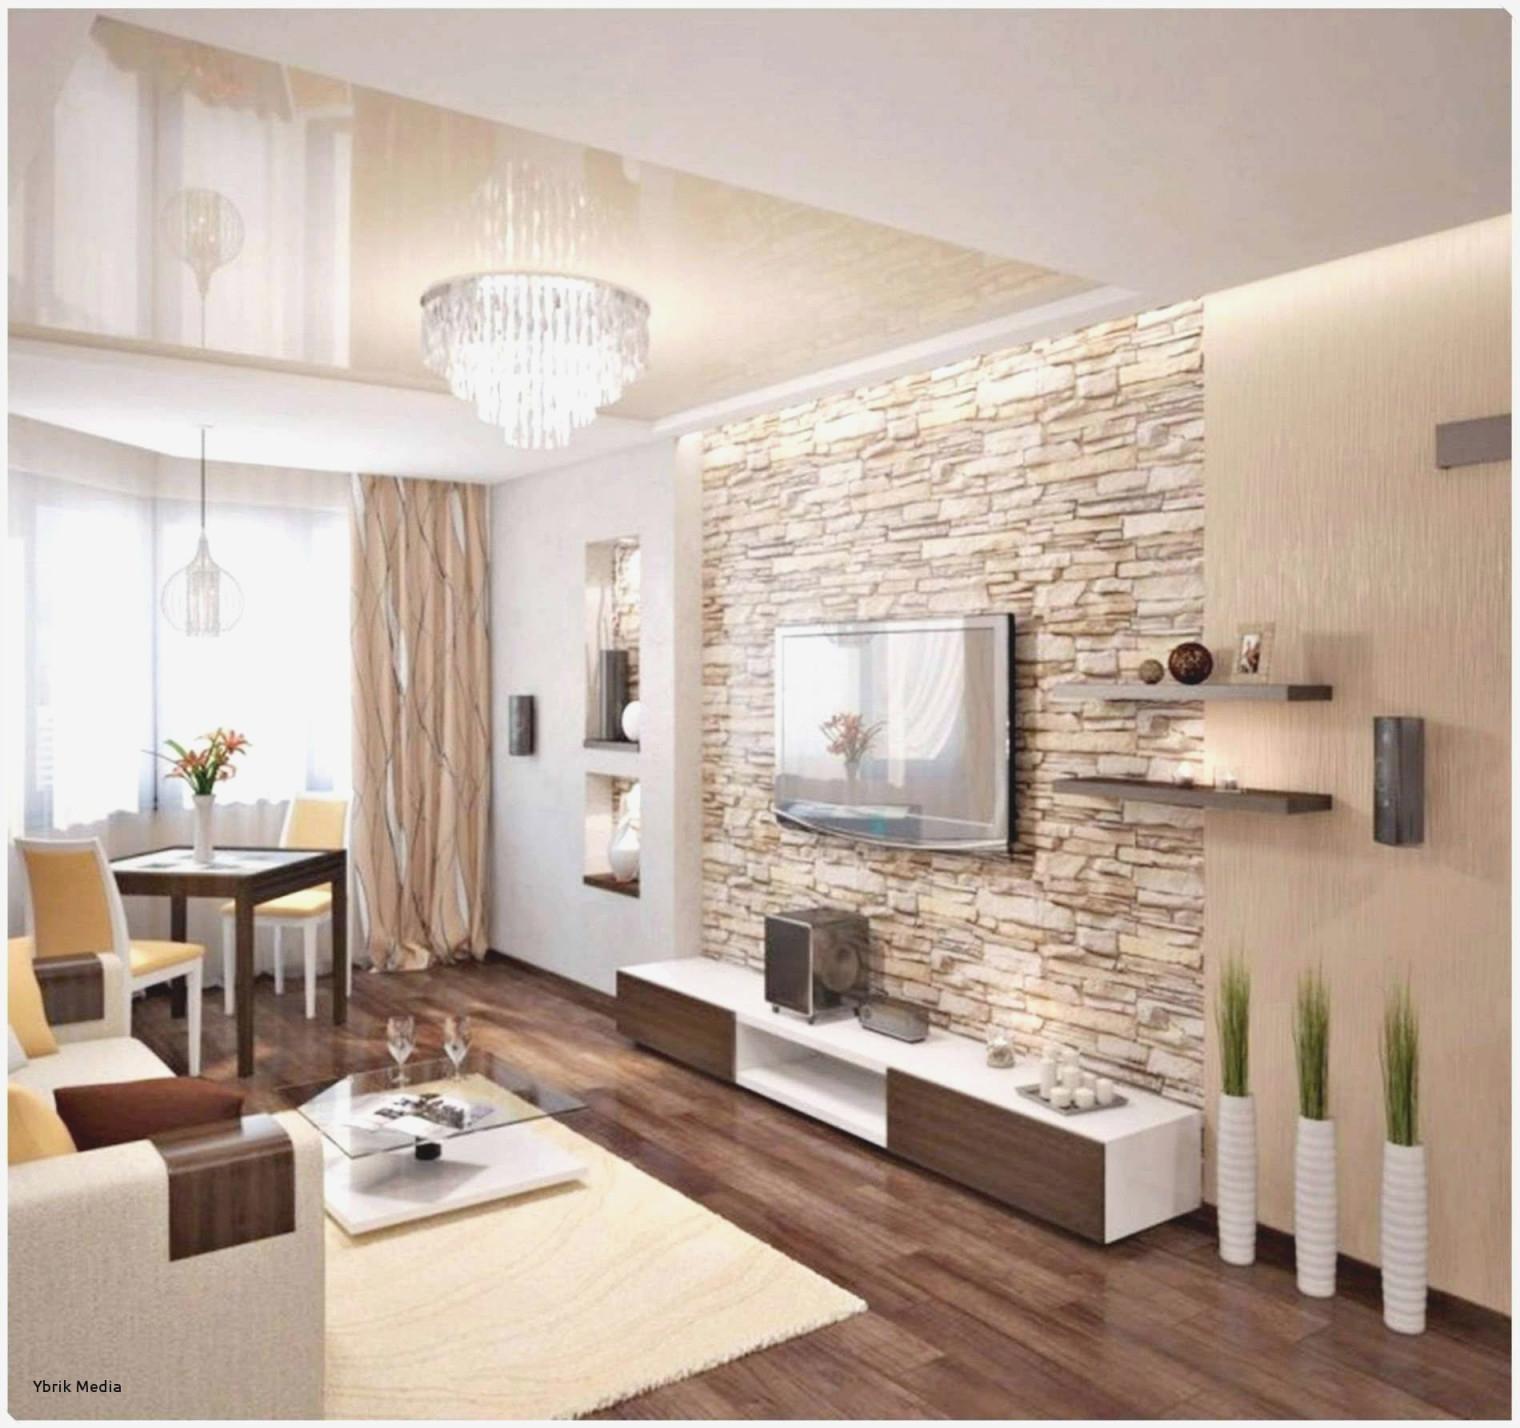 Wohnzimmerwand Ideen Grau von Wandfarbe Wohnzimmer Ideen Photo